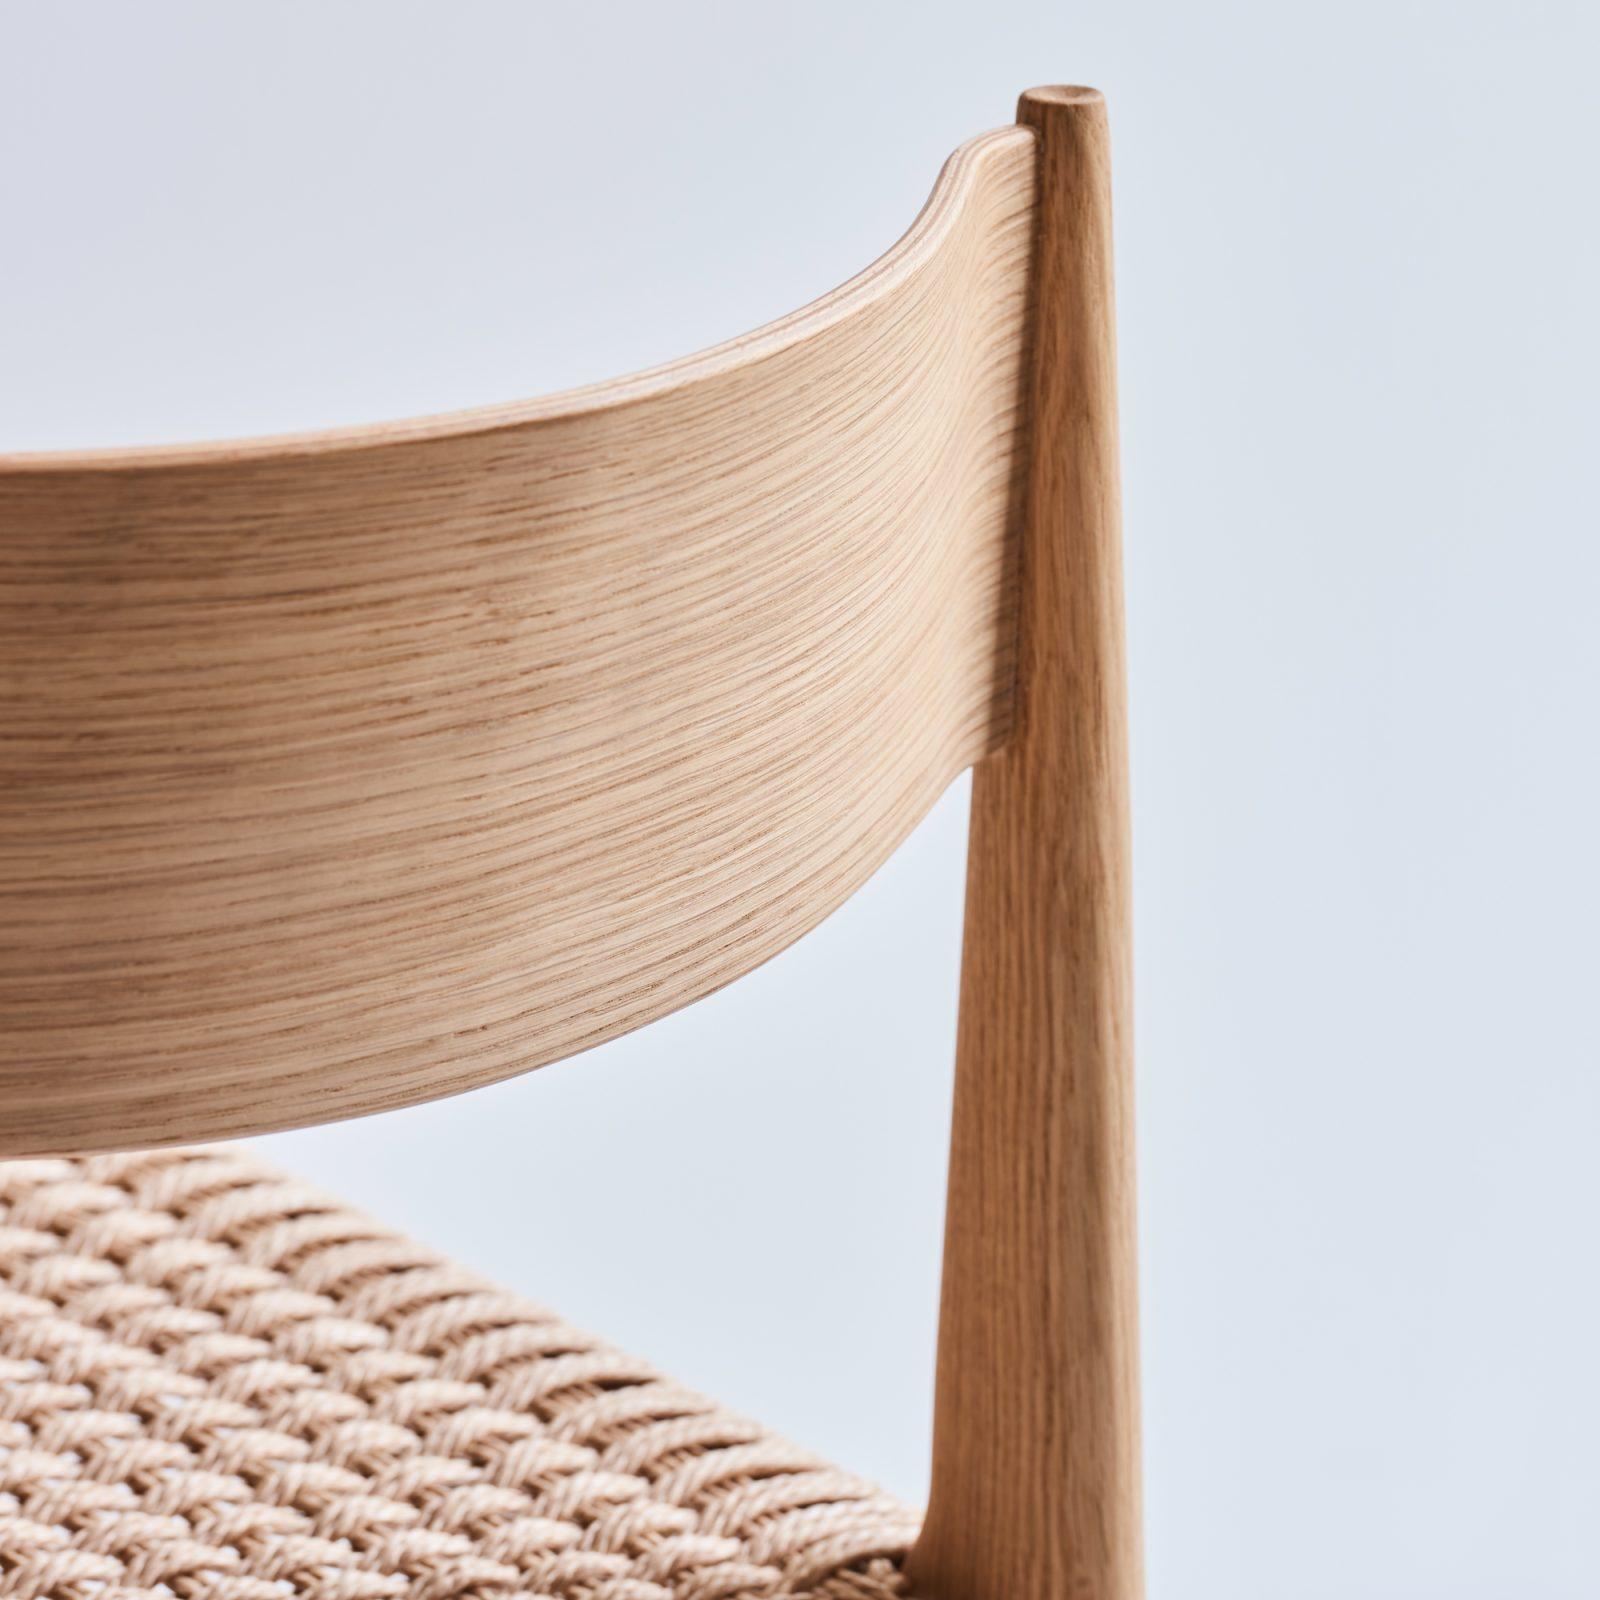 dk3-pia-chair-9